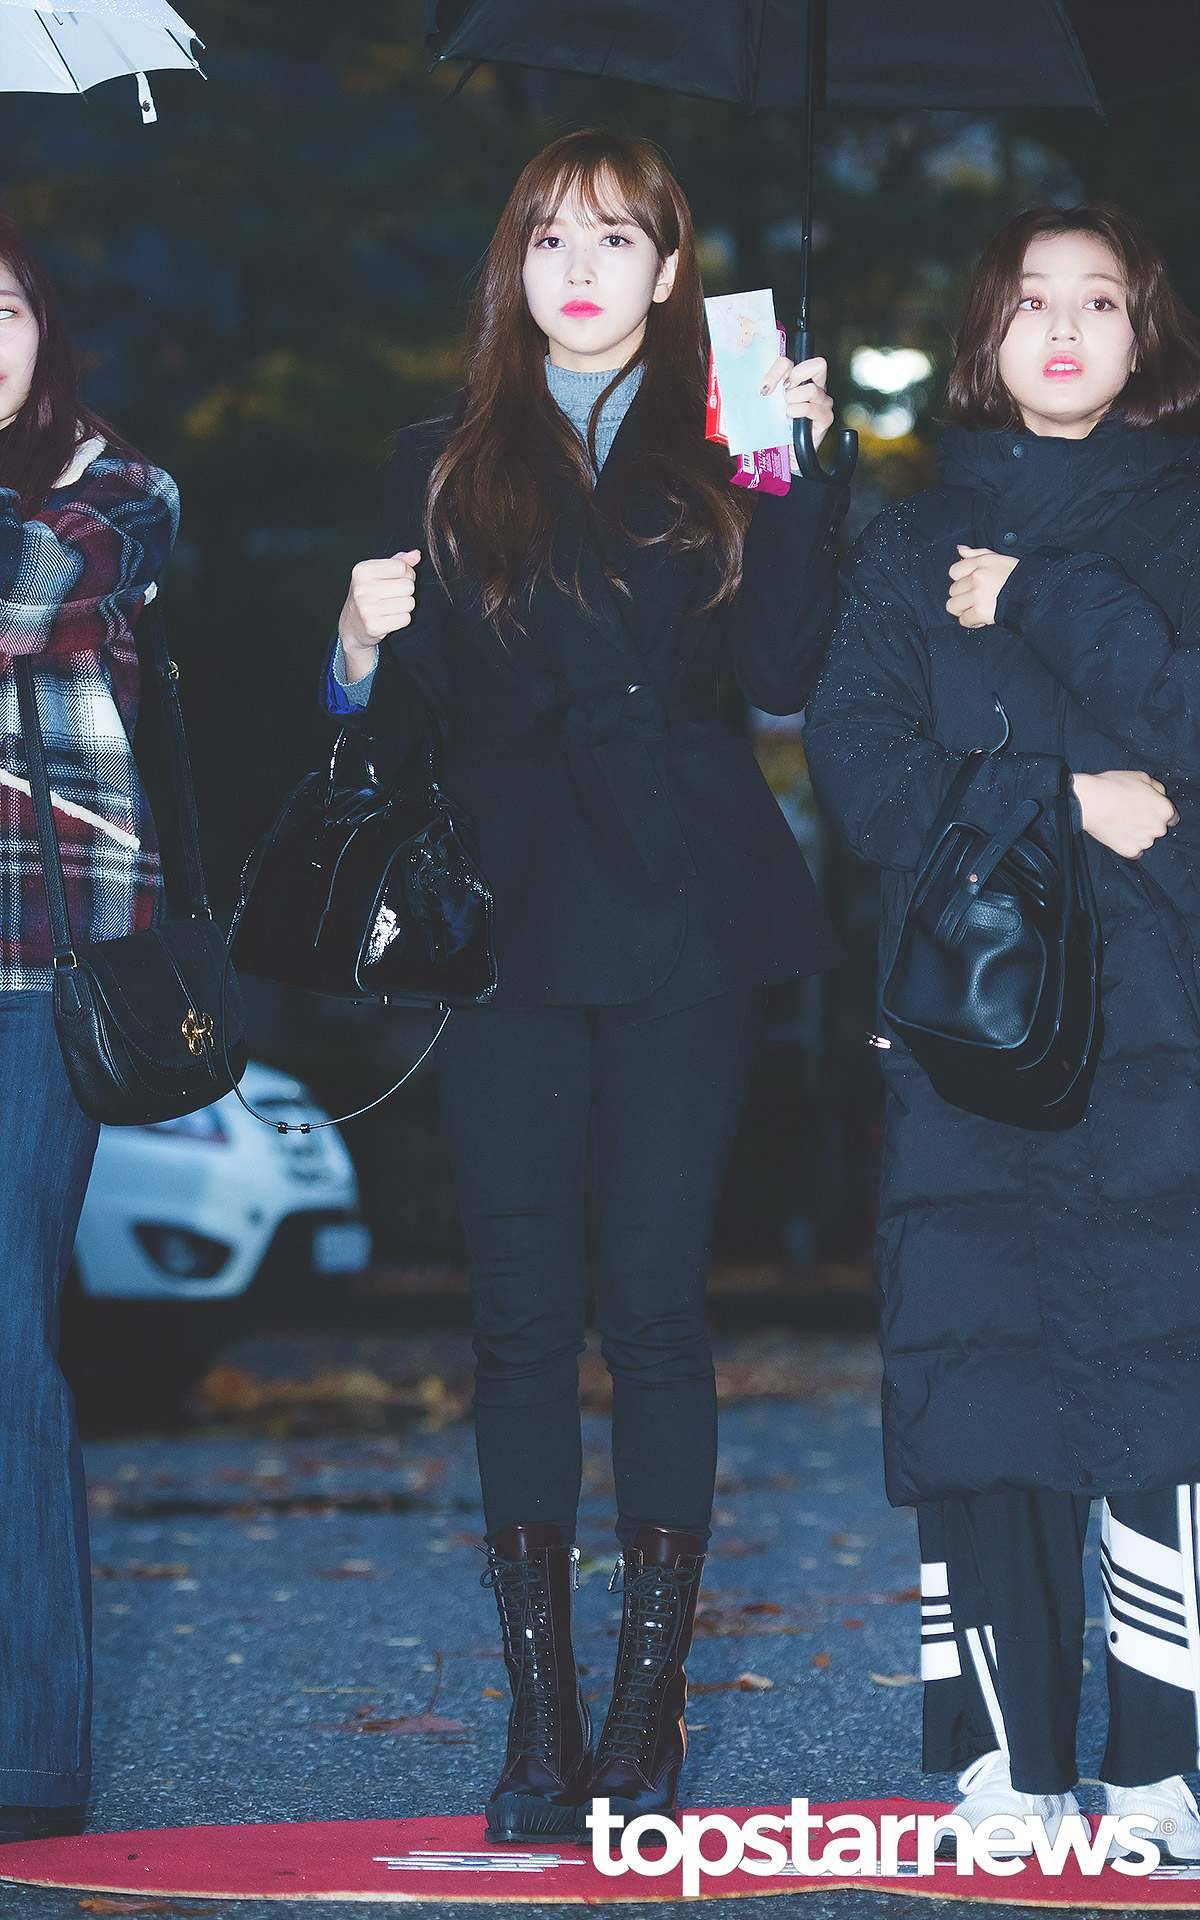 Mina的私服大多都是很有氣質的類型,可能帶有一點帥氣簡約感,像是這套全黑的穿搭,利用一件綁帶鄉務ㄤ外套和黑色長褲,搭配一雙軍靴,有幹練的女強人氣息,整體非常有質感。